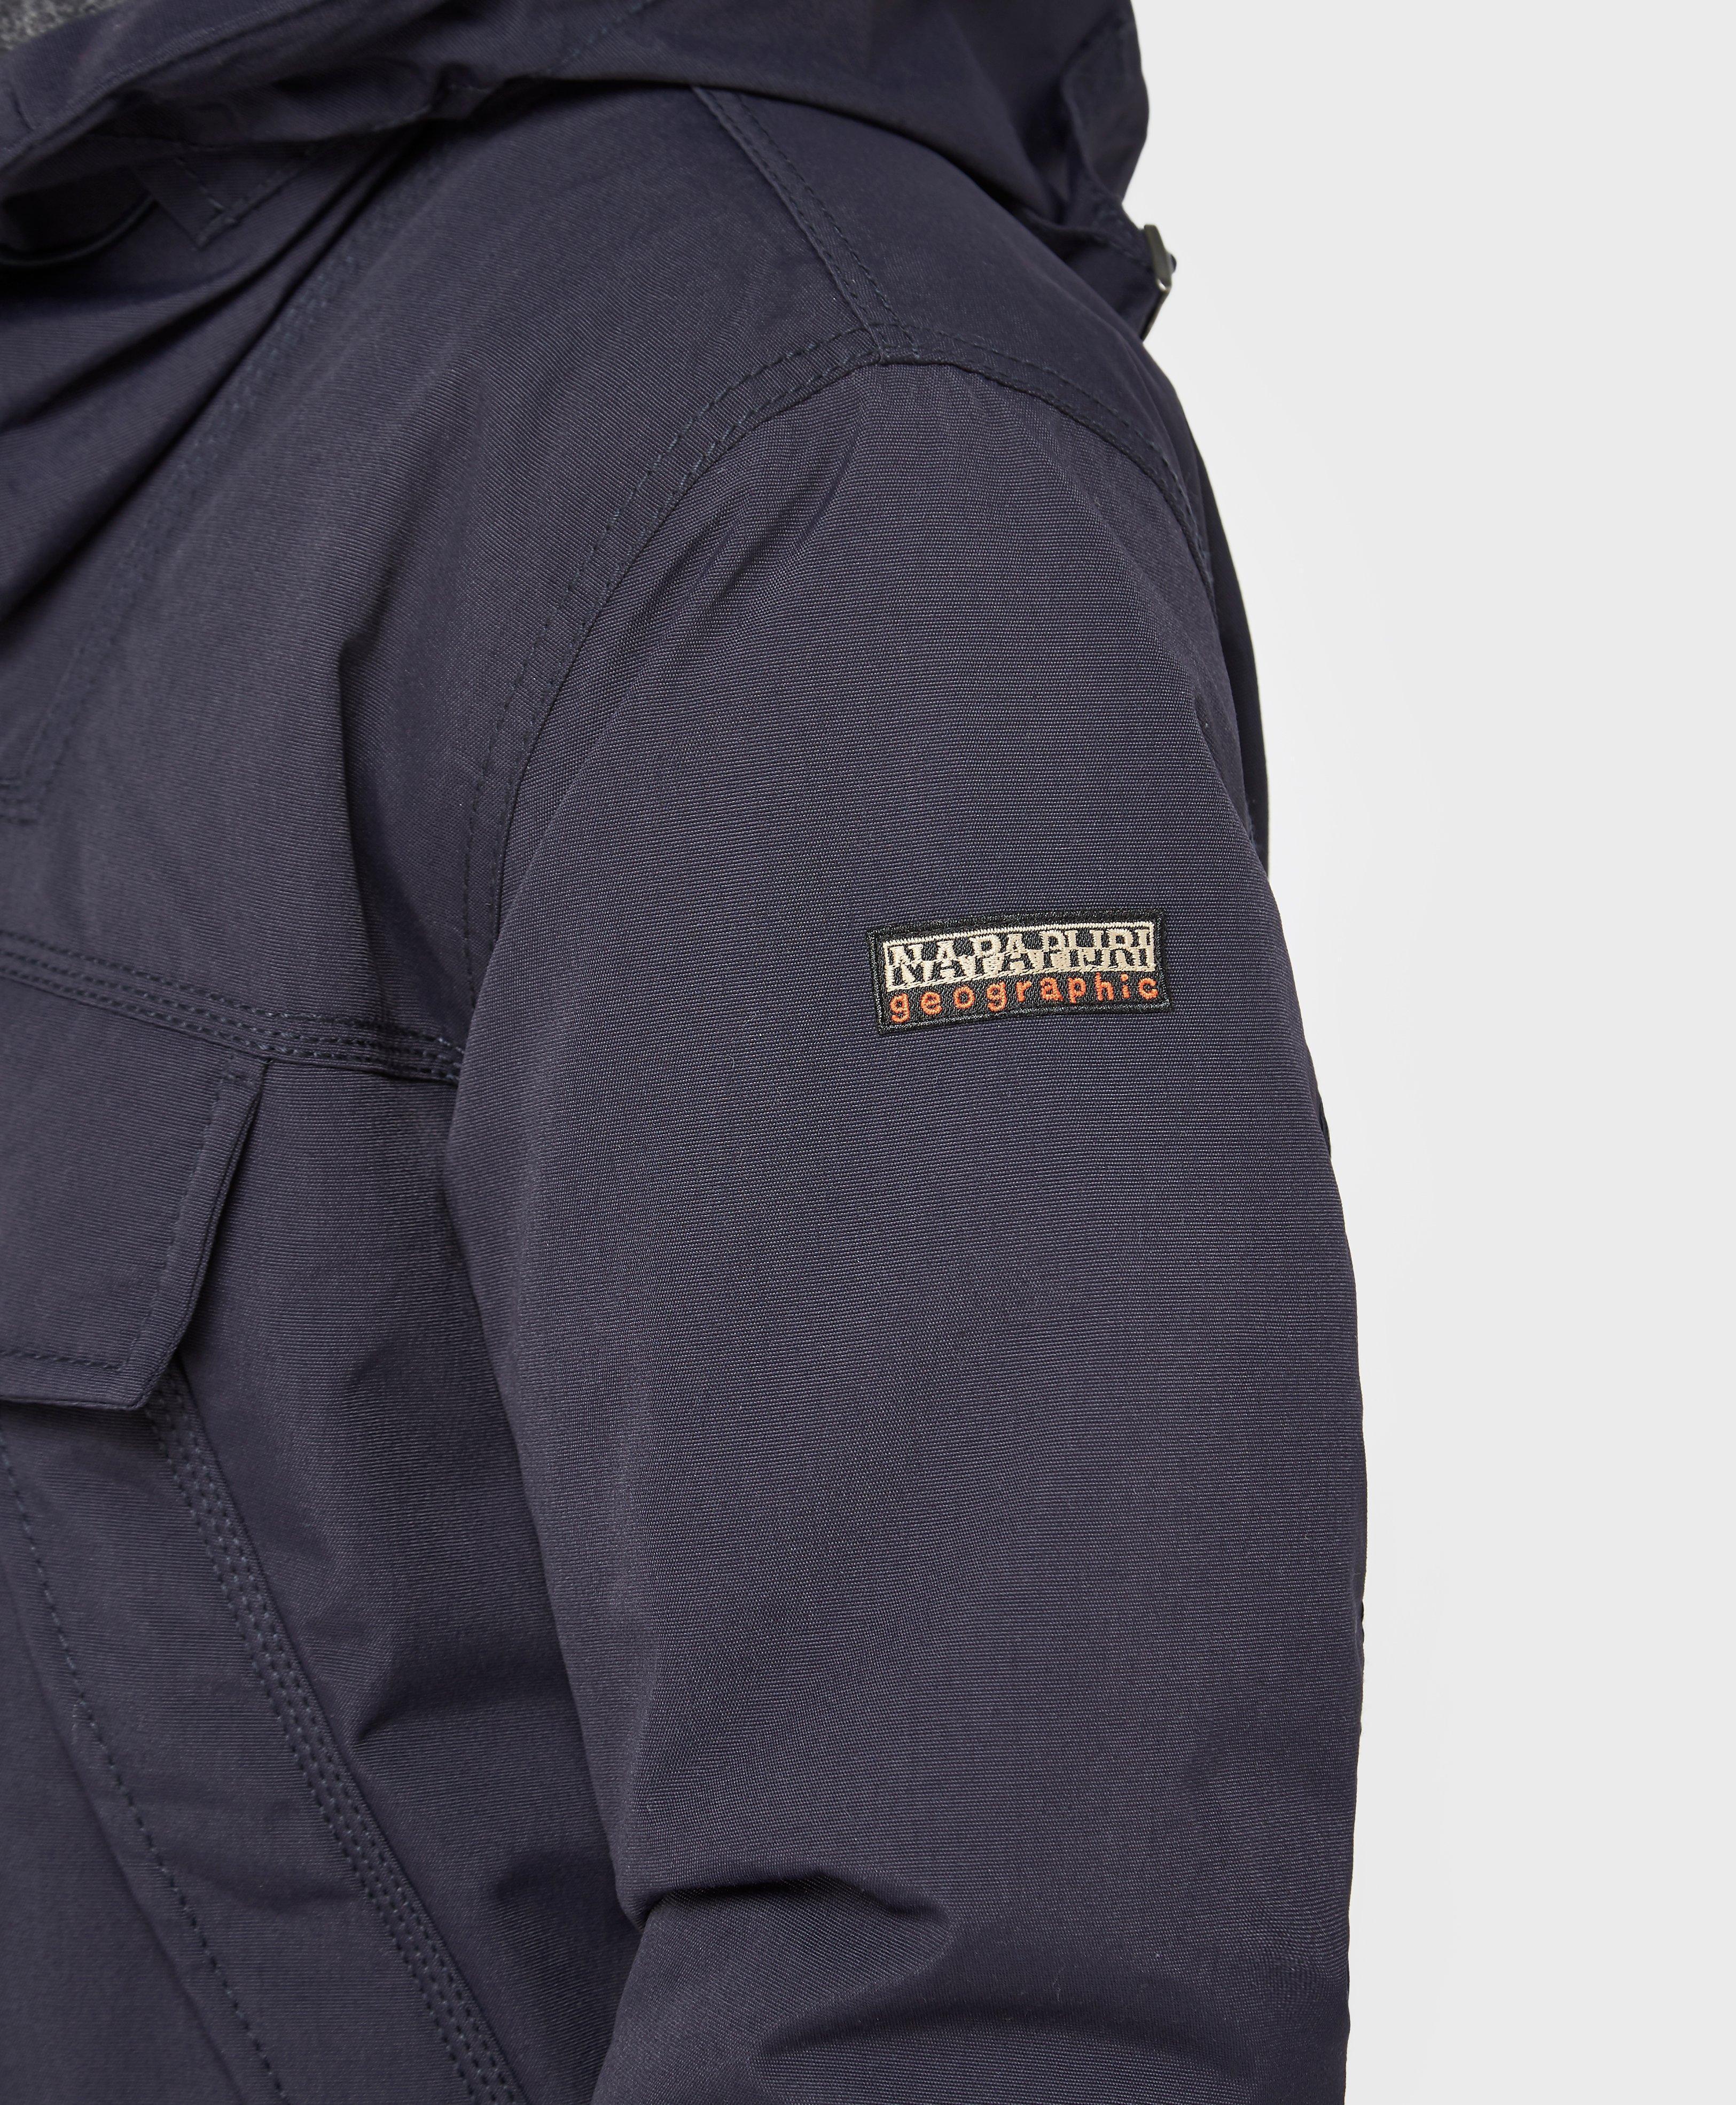 Napapijri Fleece Skidoo Padded Jacket in Blue for Men